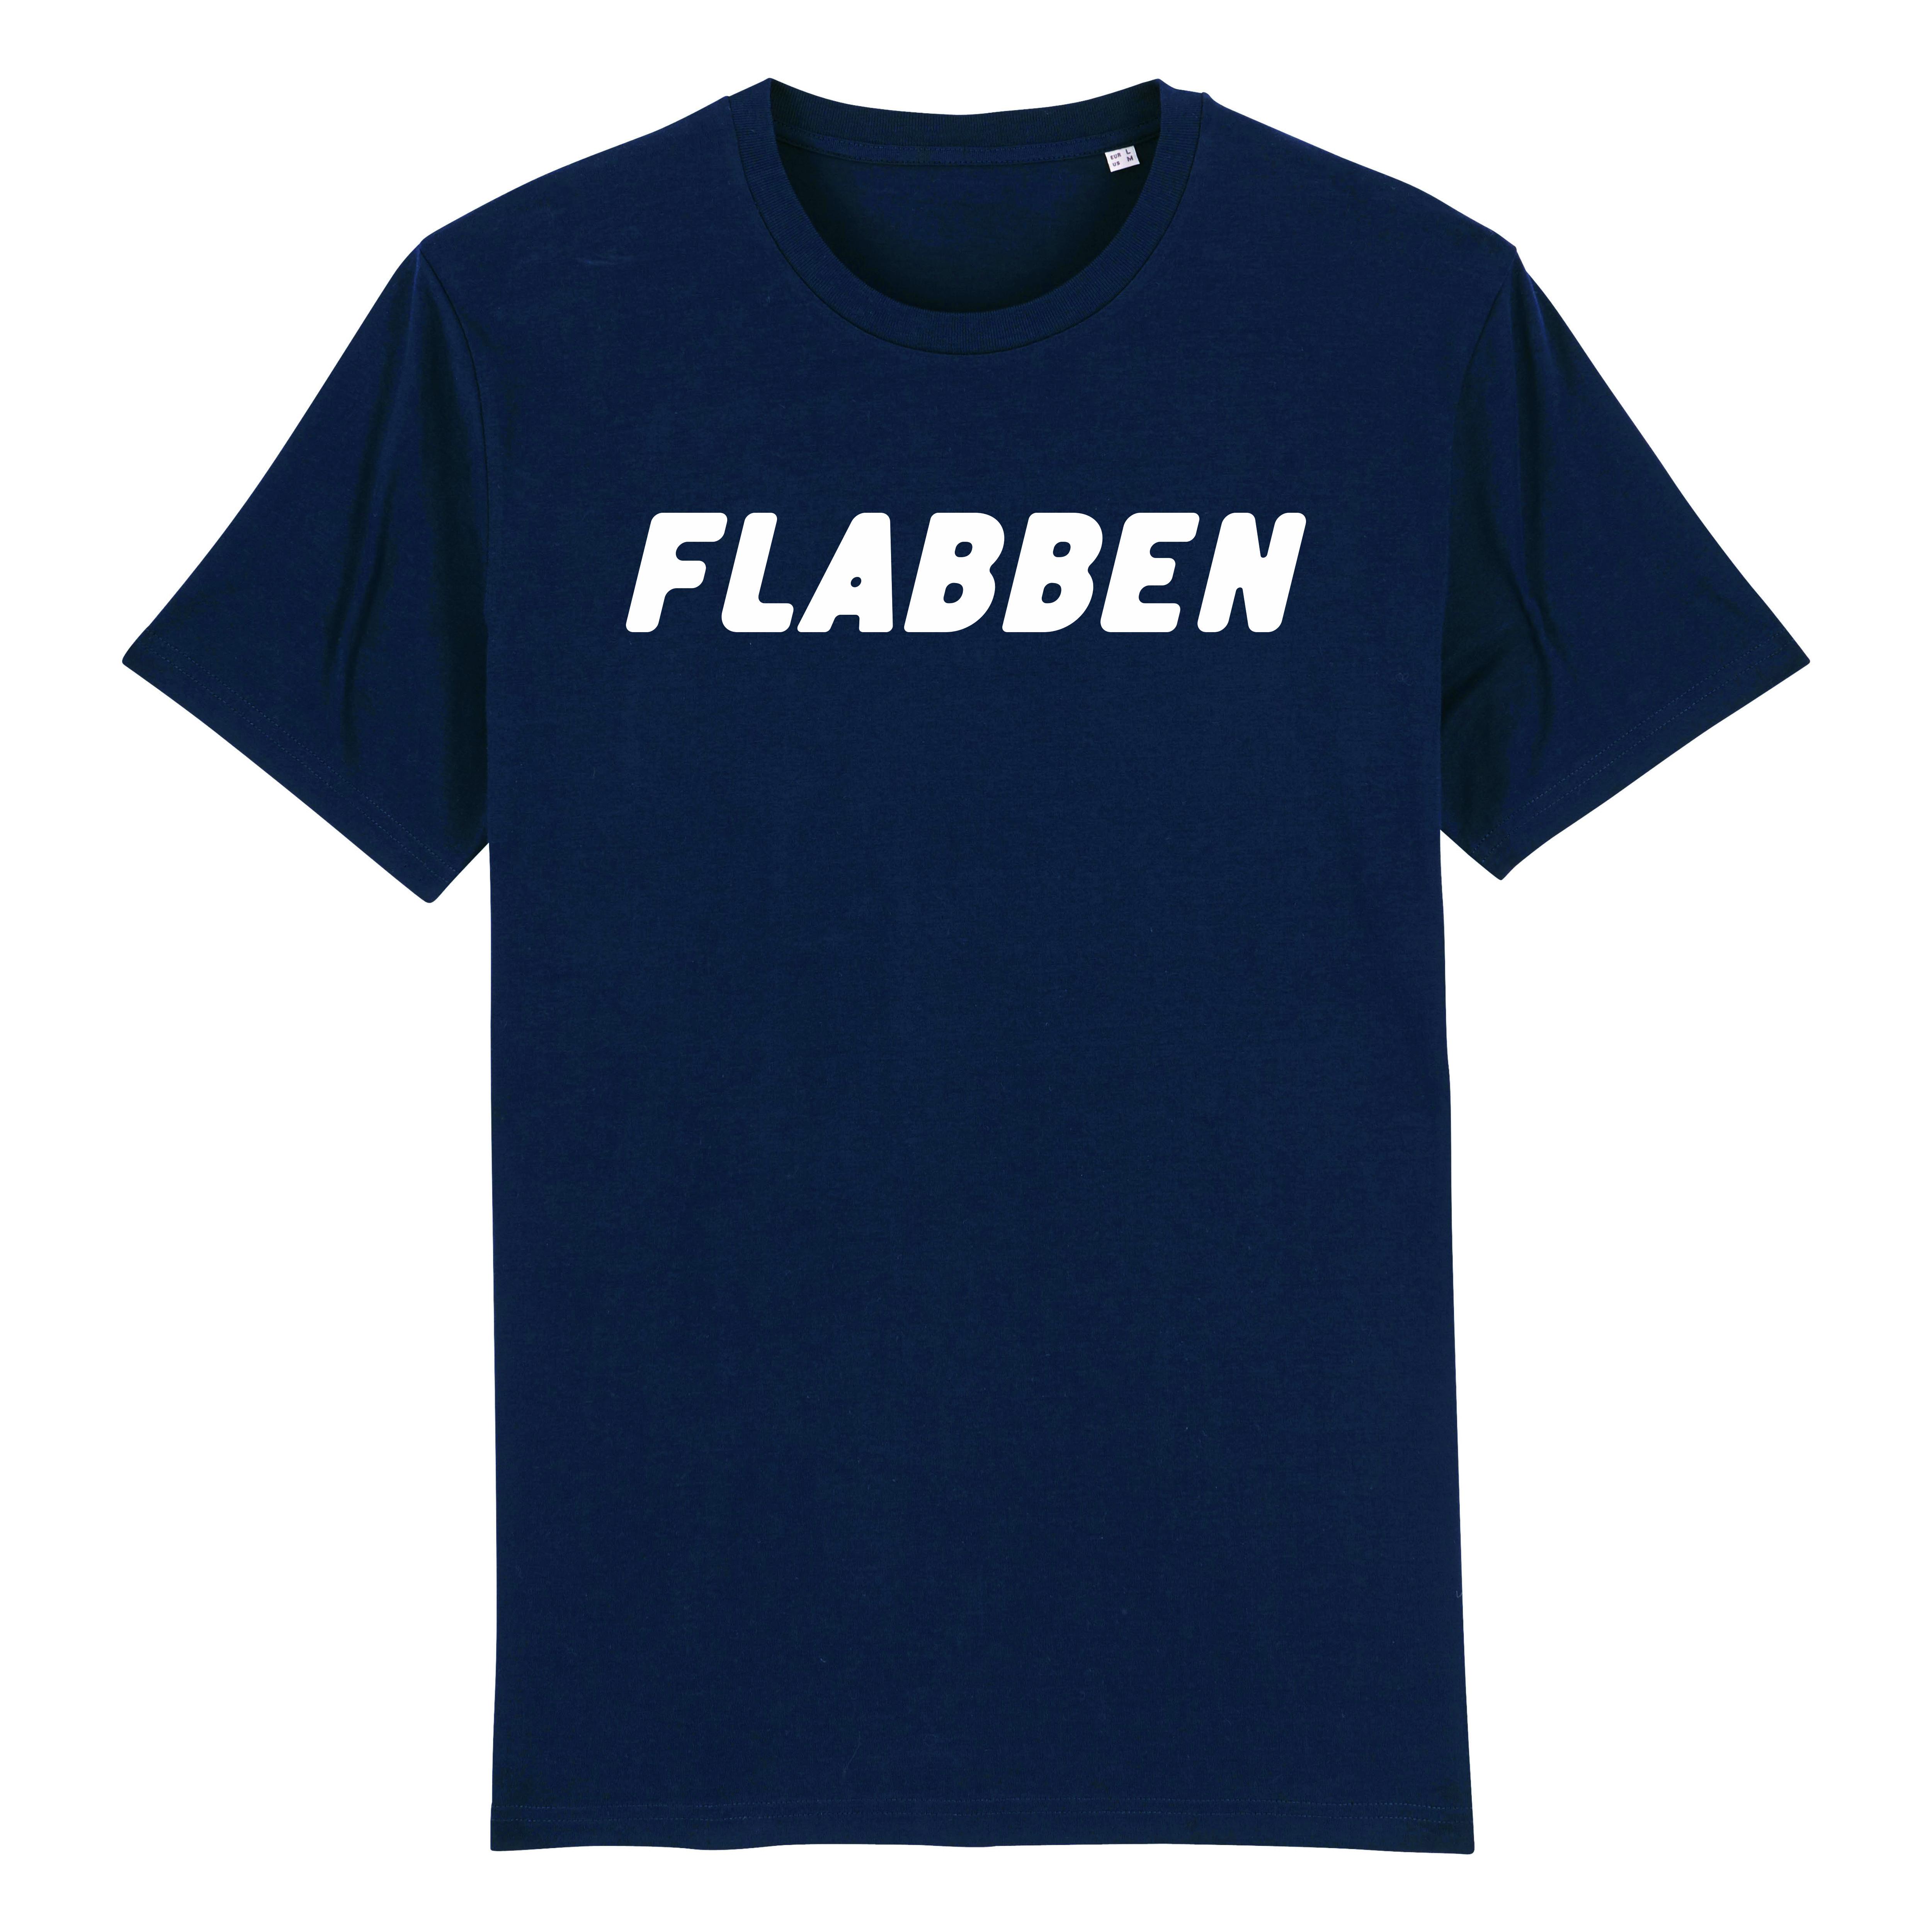 Flabben - T-shirt Navy